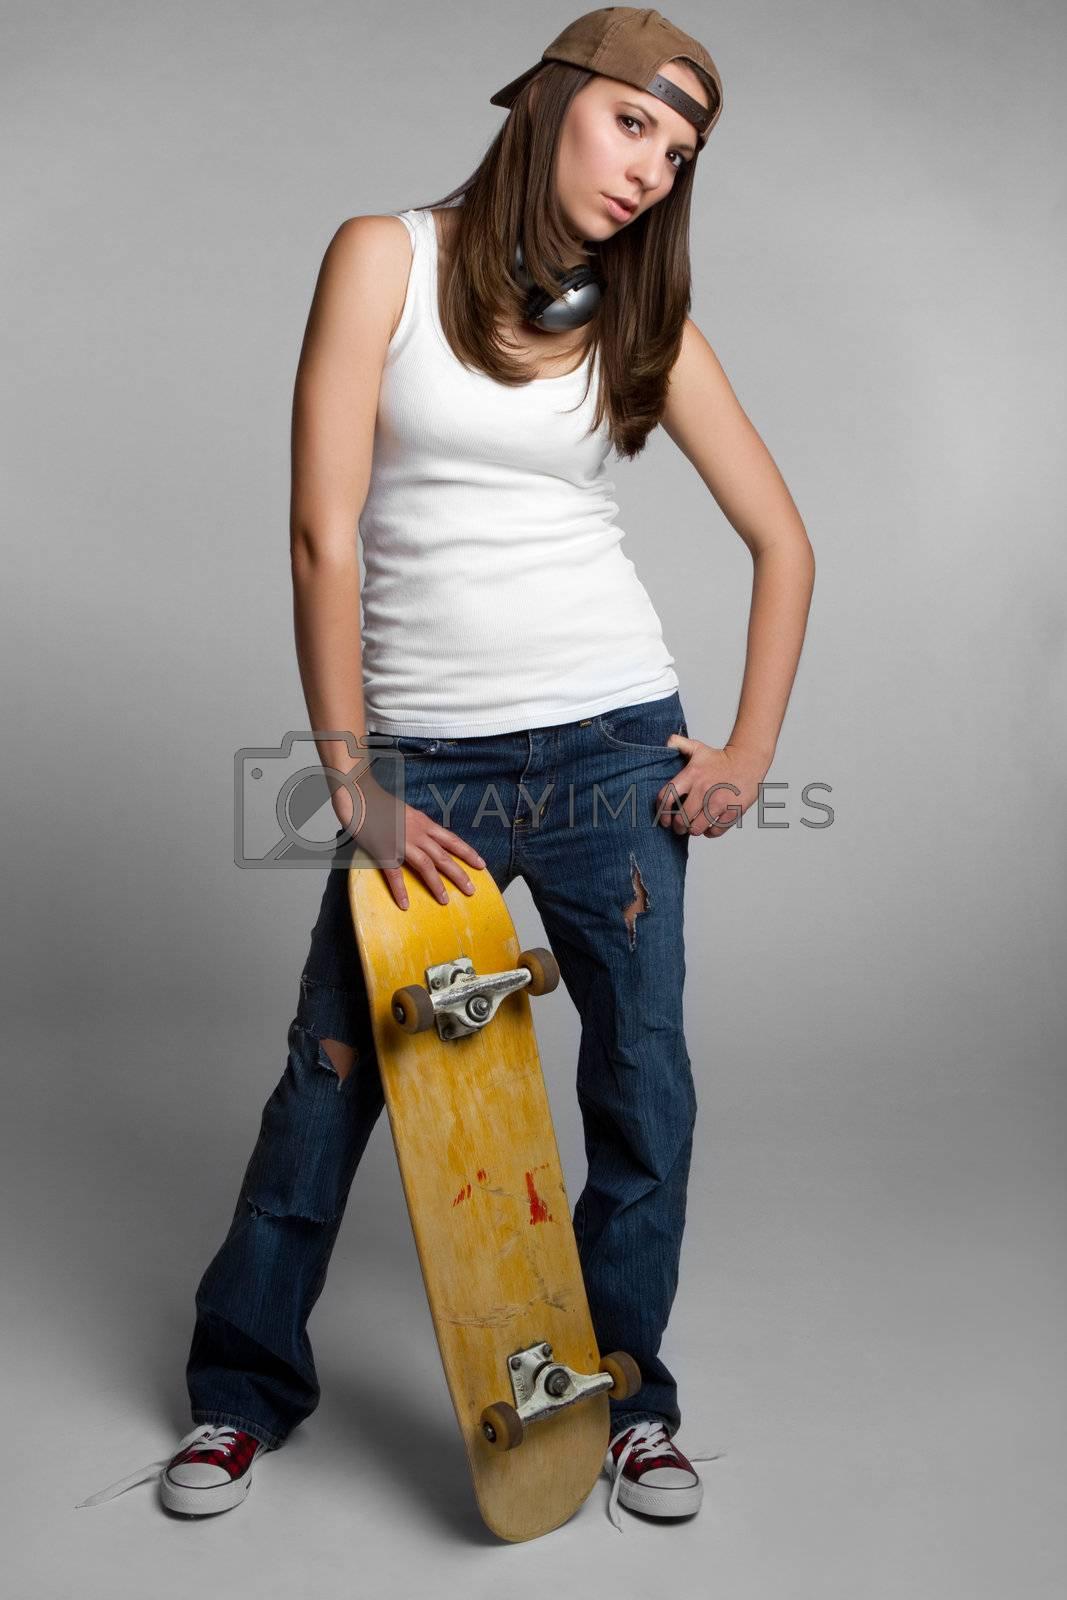 Pretty skater girl holding skateboard